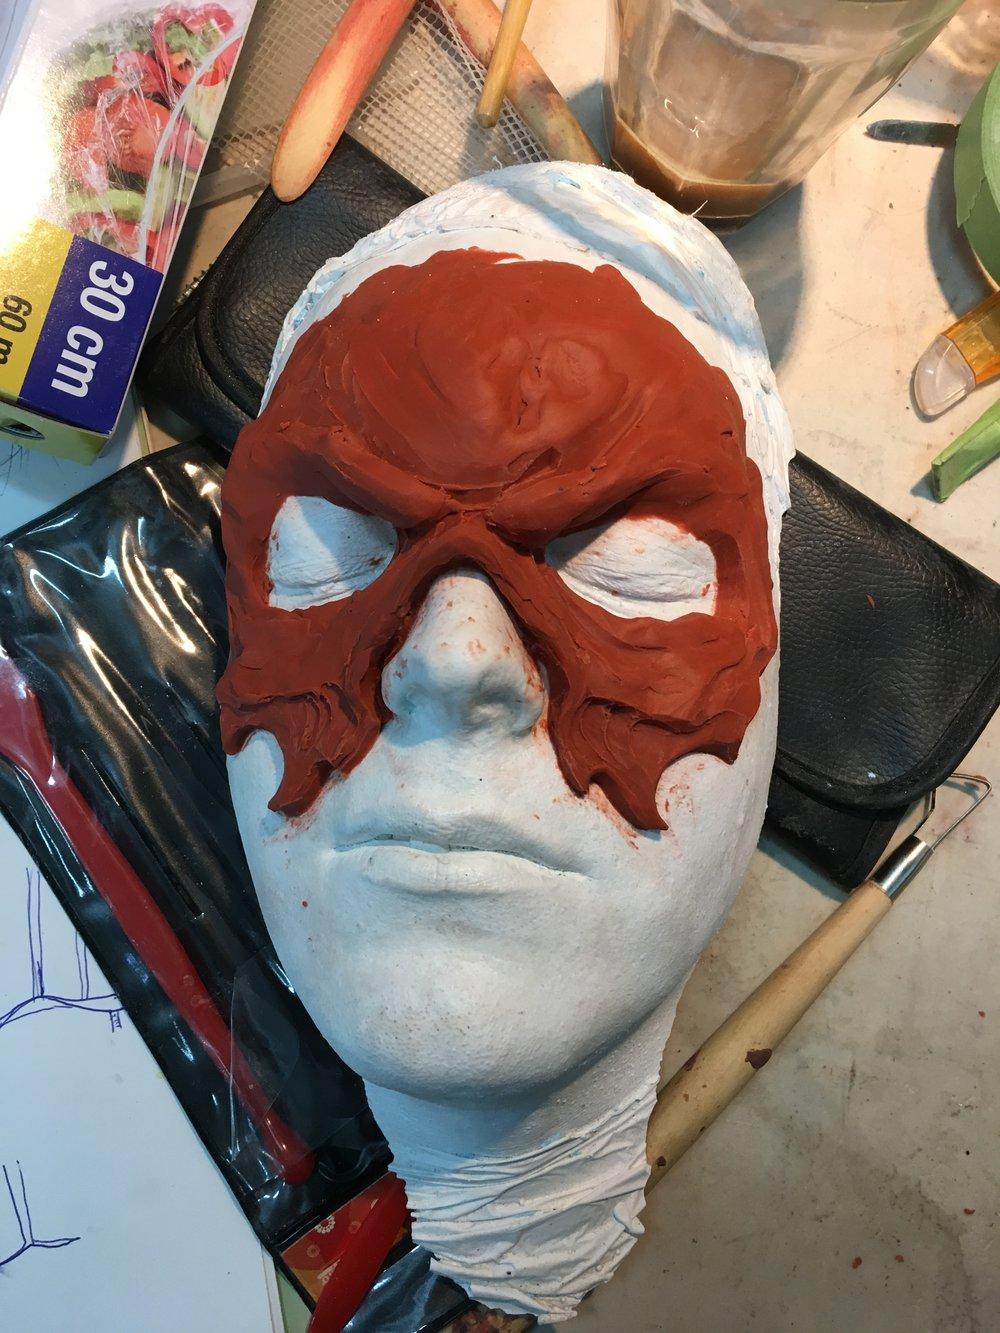 Linda påbörjade även arbetet med att skapa en väsenslik mask till Fredrik, en av arrangörerna bakom glöden..